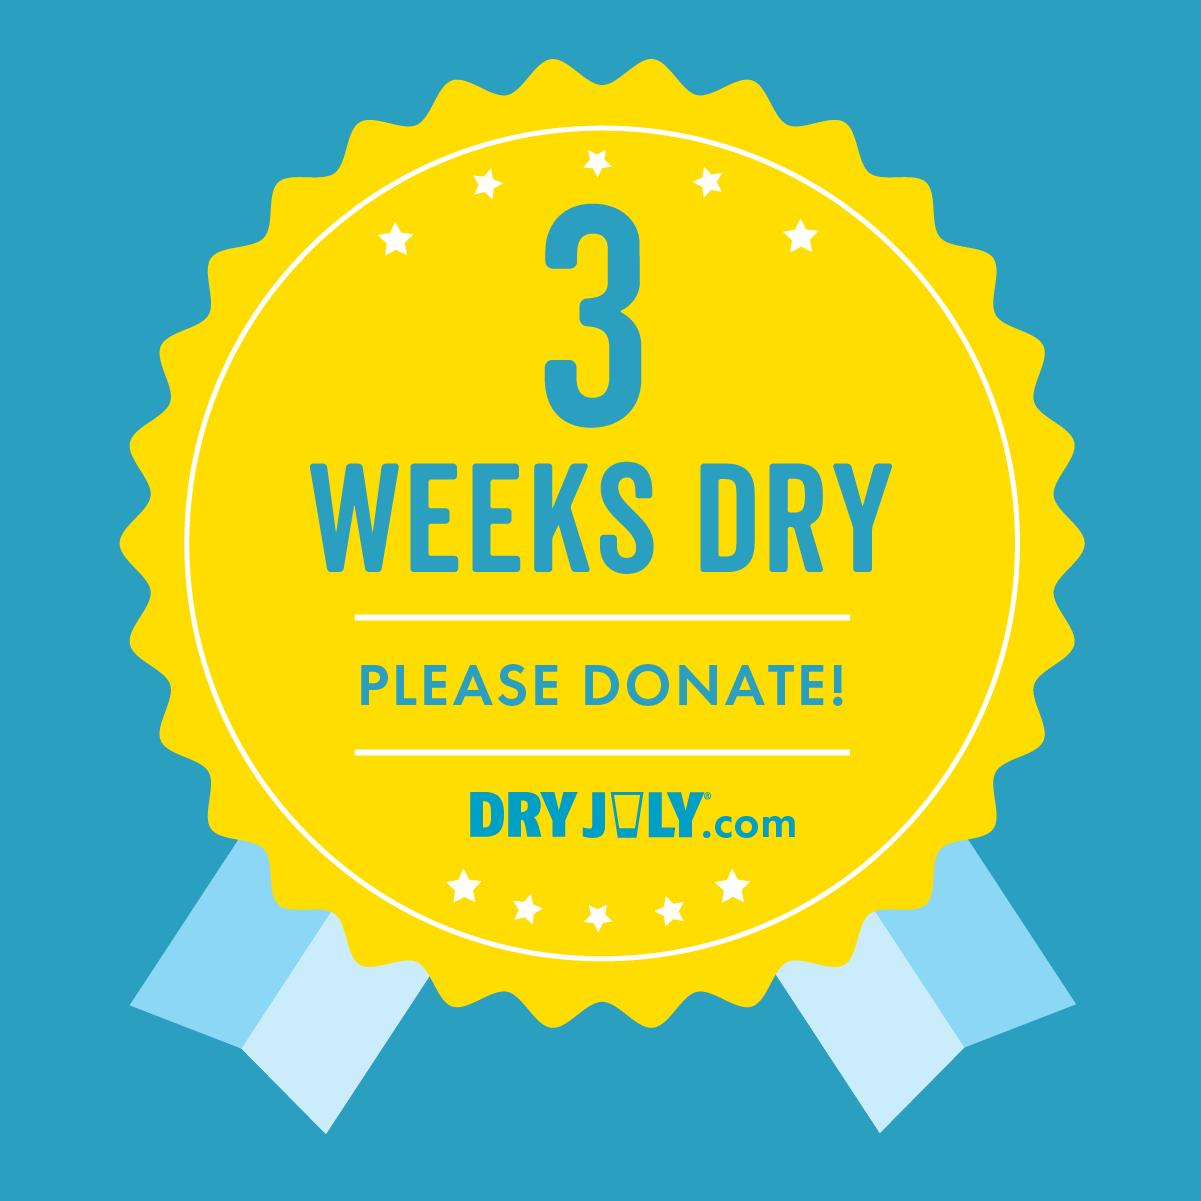 3 Weeks Dry